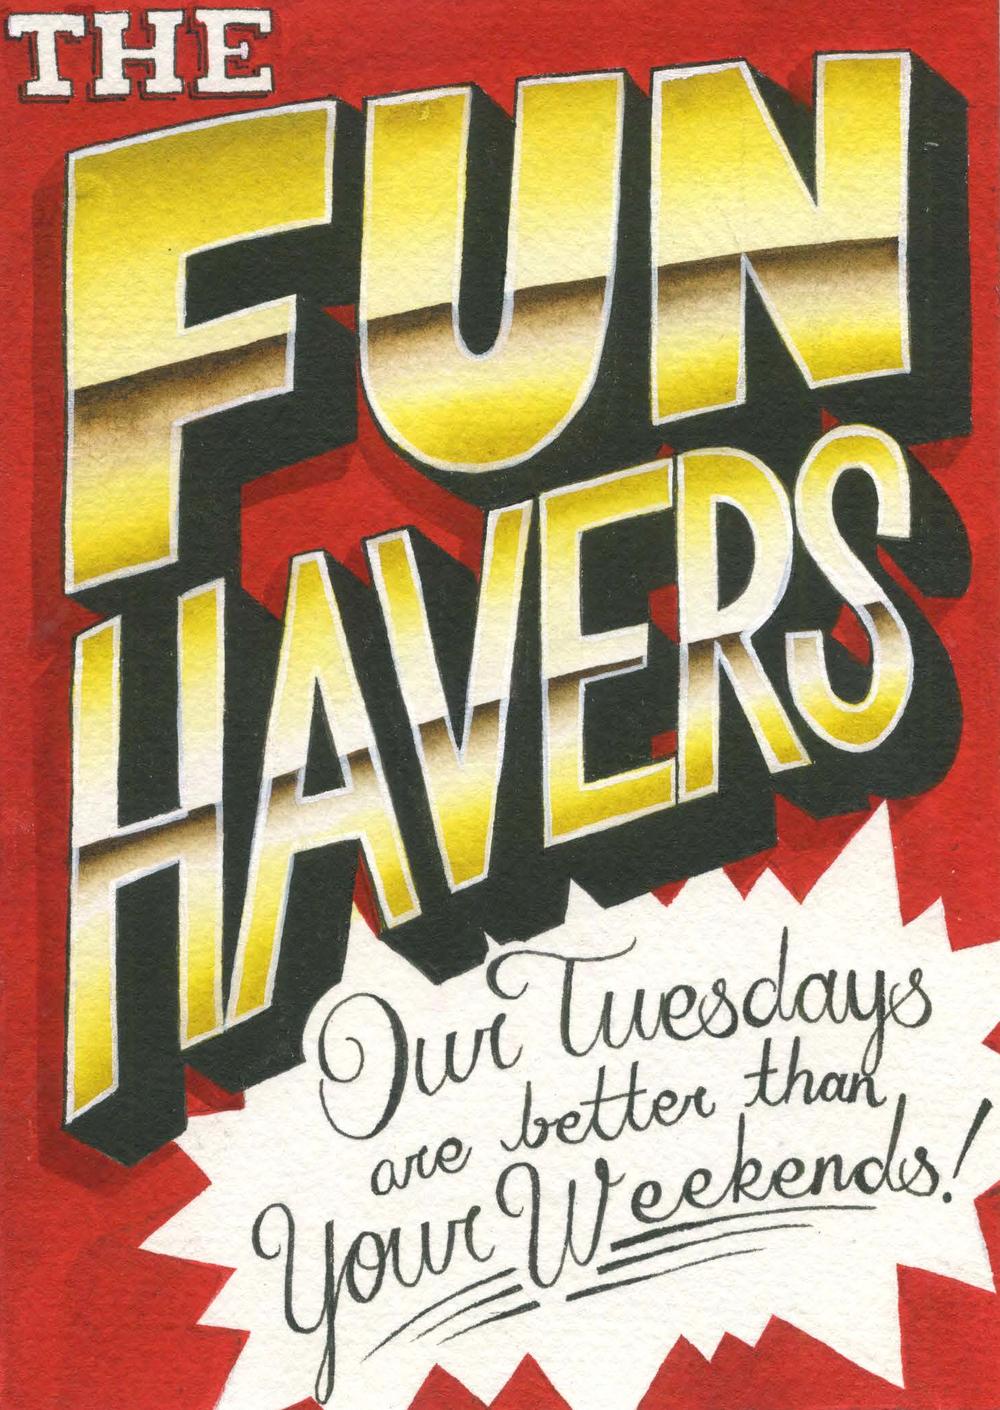 The Fun Havers